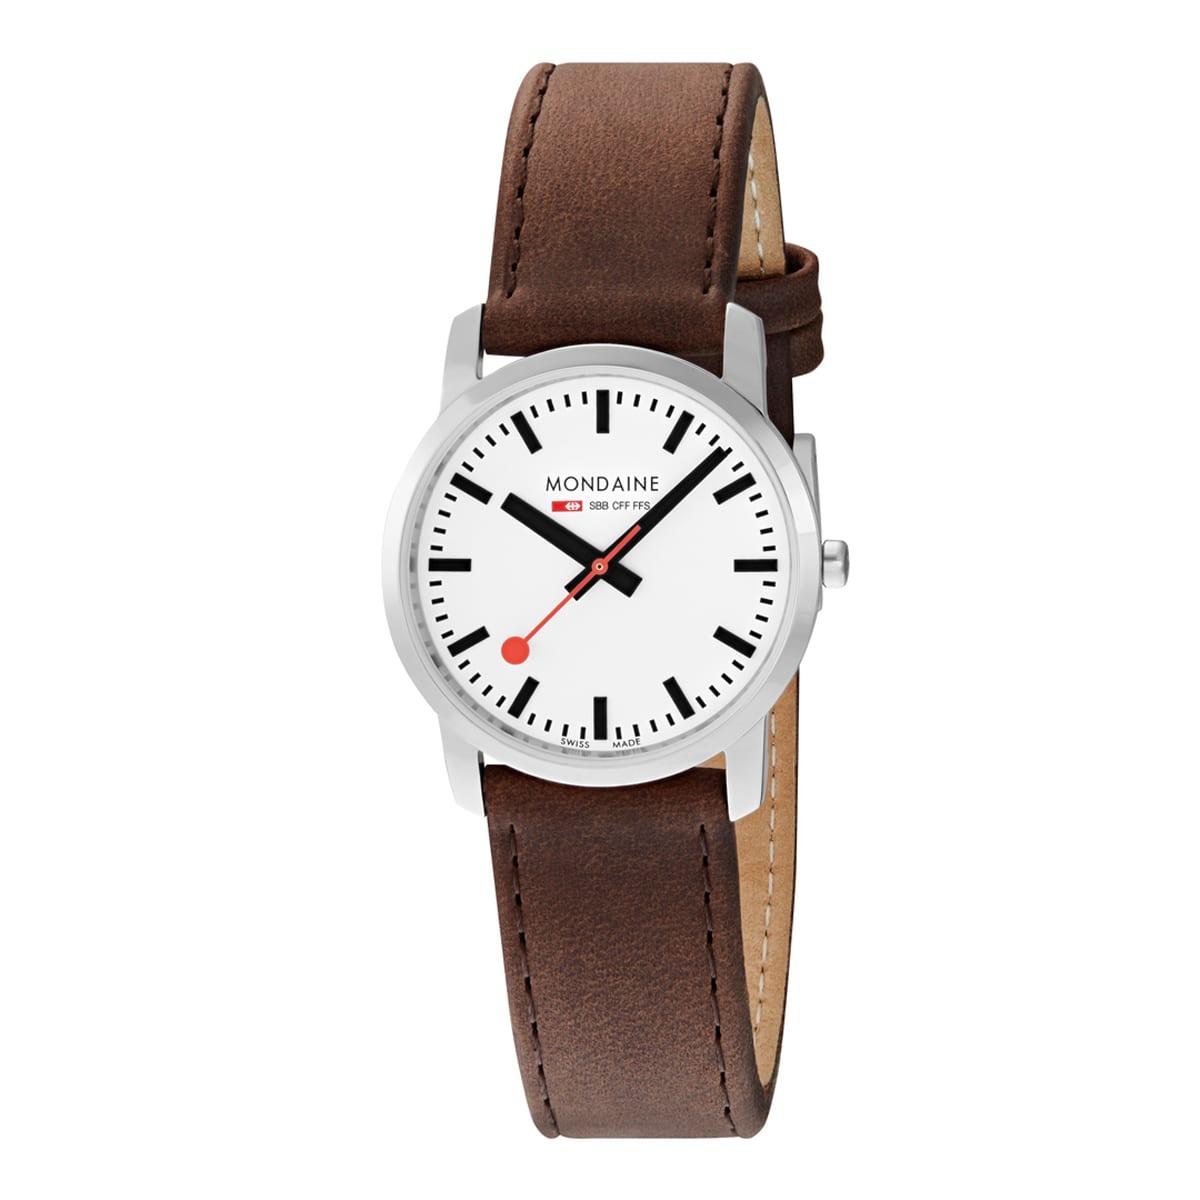 mondaine stationsklok horloge juwelier den haag